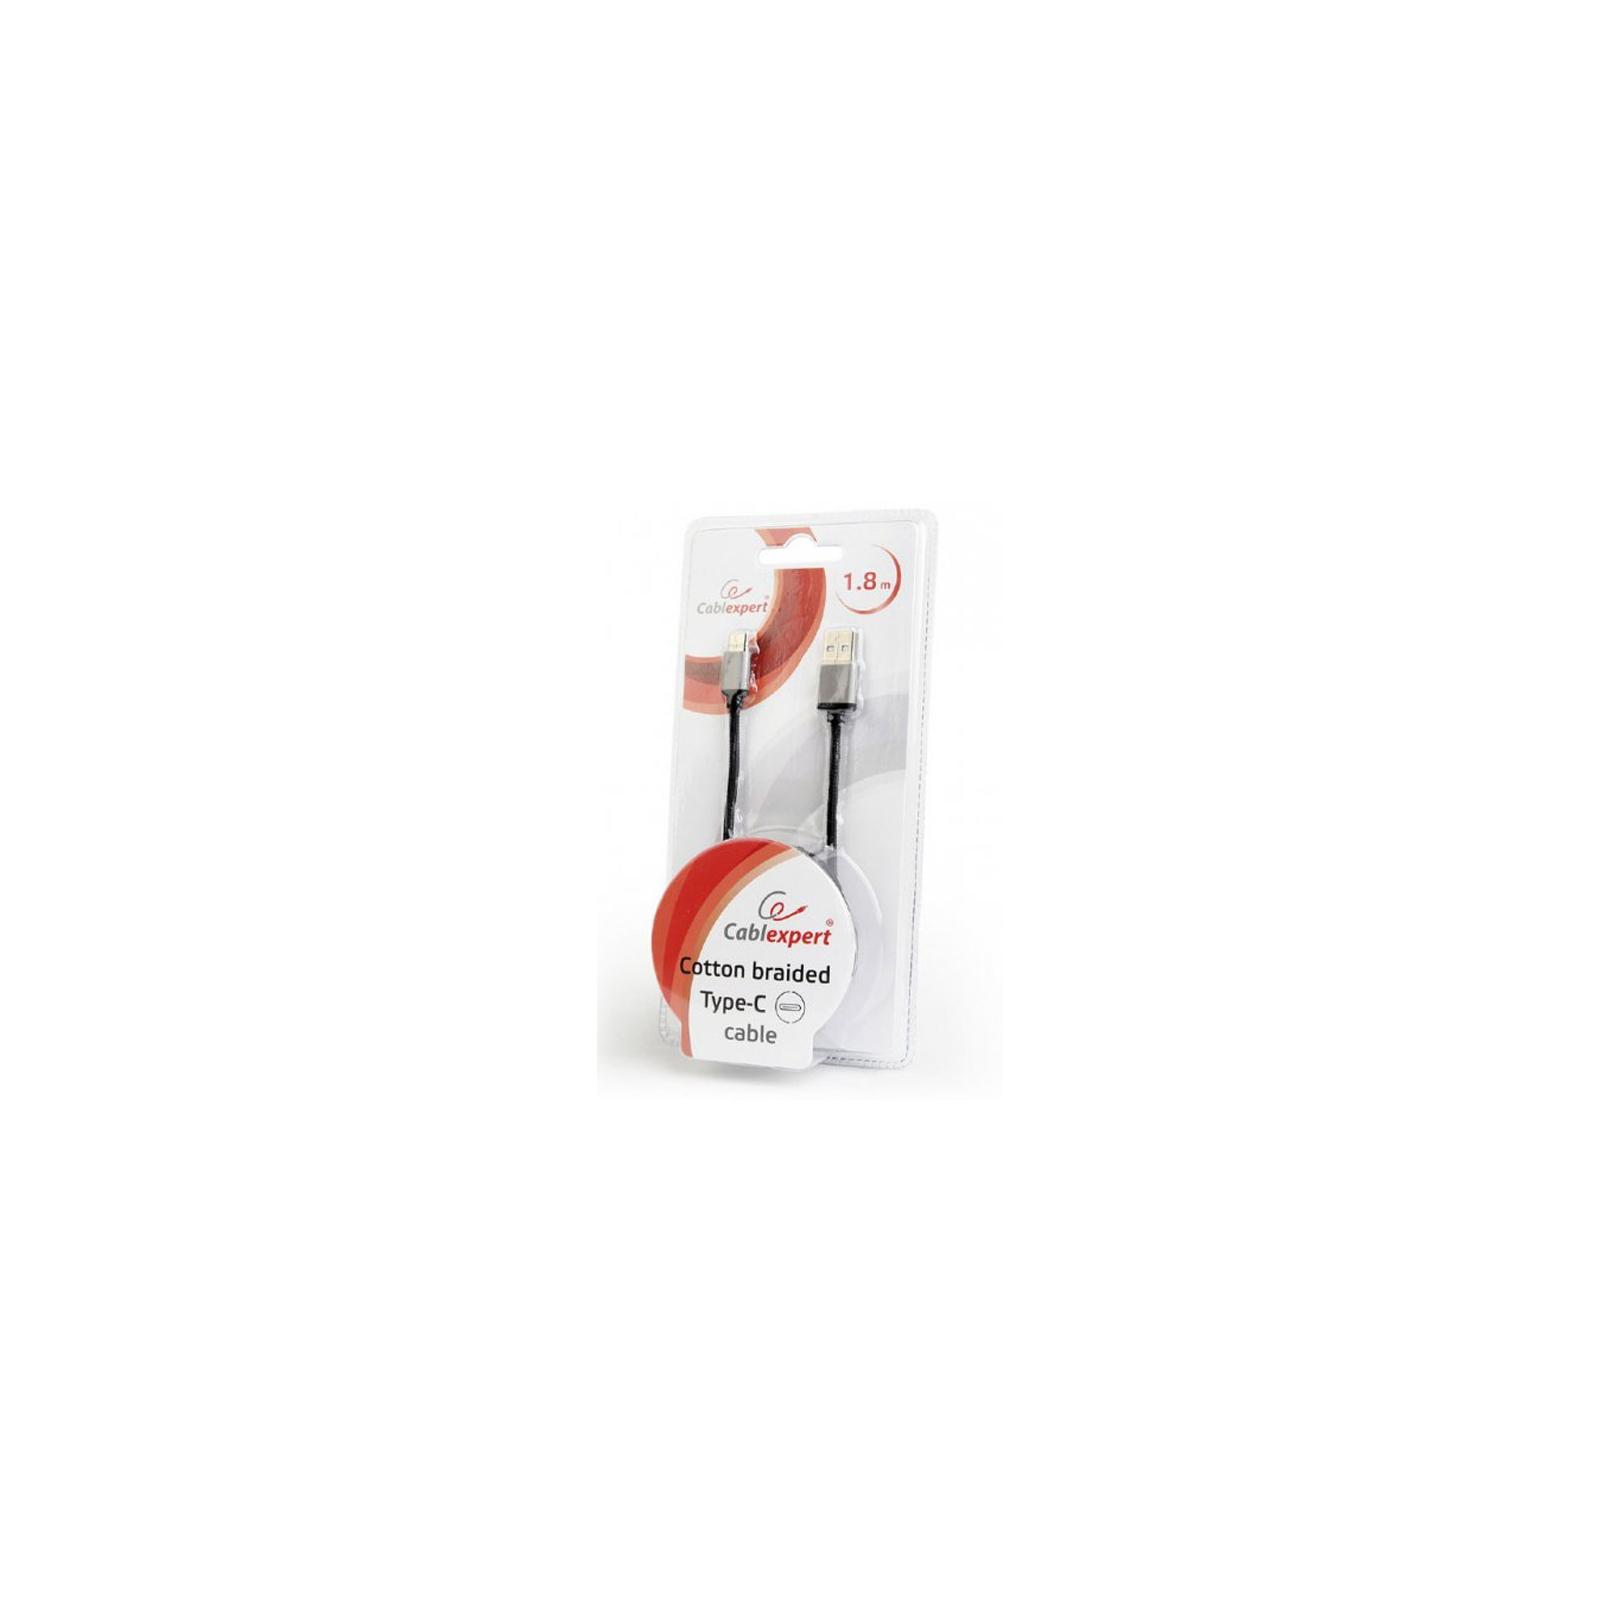 Дата кабель USB 2.0 AM to Type-C 1.0m Cablexpert (CCB-mUSB2B-AMCM-6-G) изображение 2